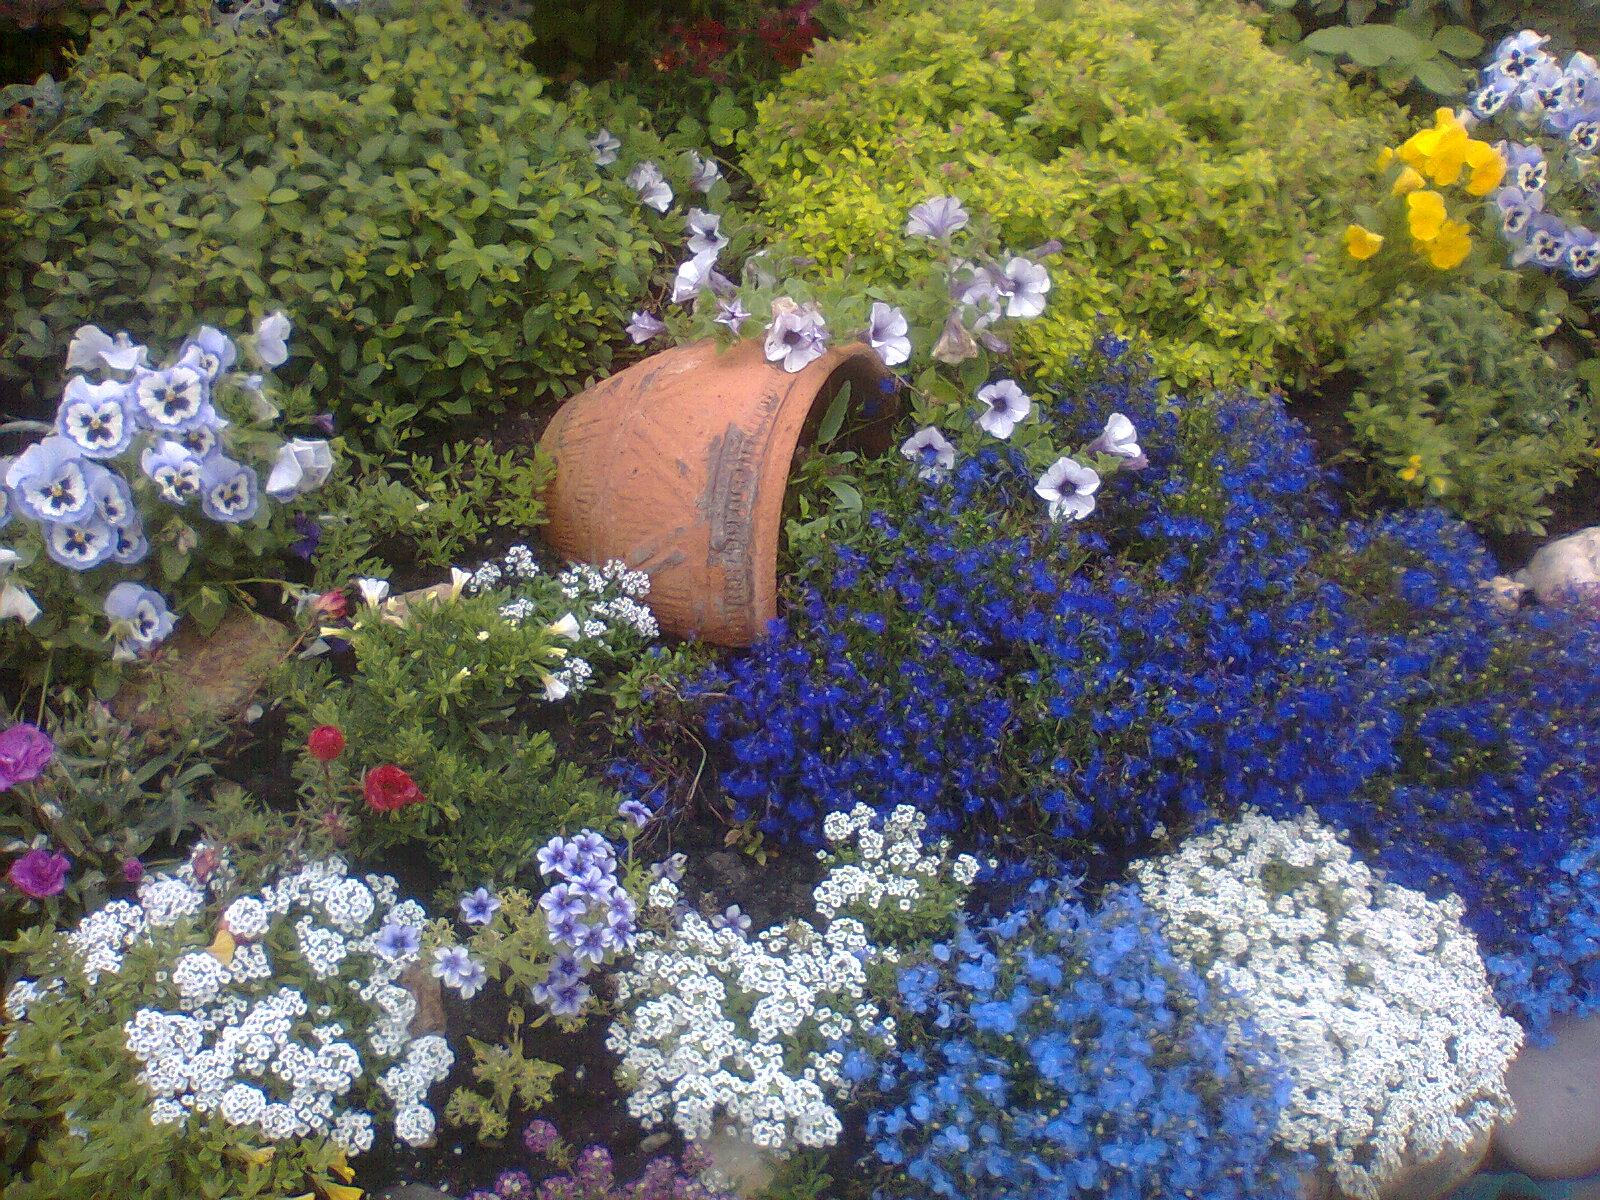 лобелия фото цветов в клумбе идеи немного несдержана, время